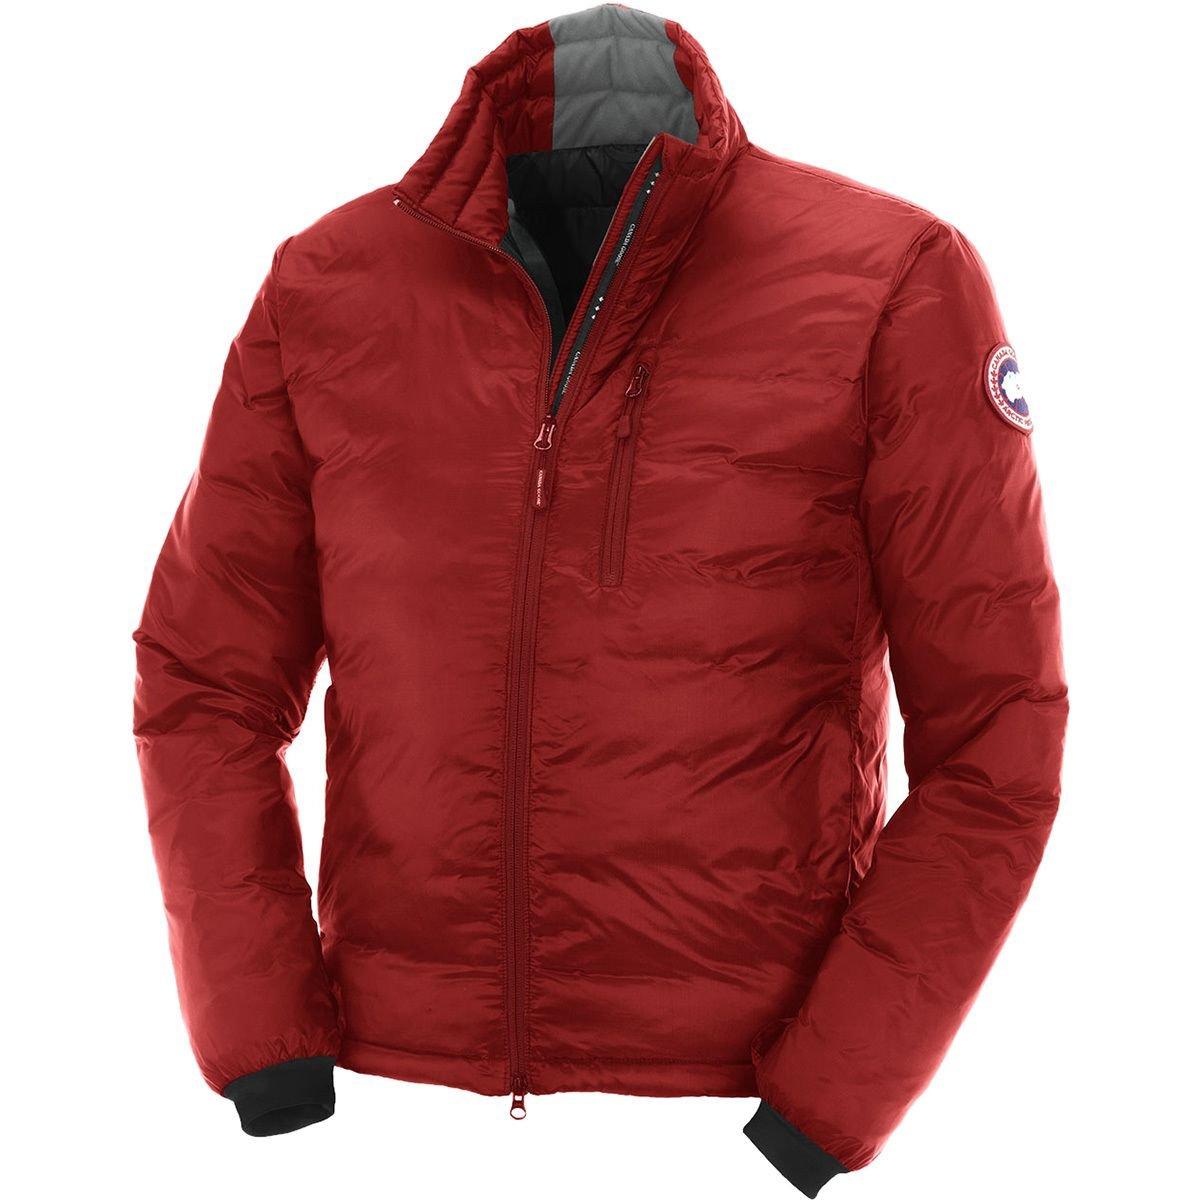 (カナダグース)Canada Goose Lodge Down Jacket メンズ ジャケットRed/Black [並行輸入品] B077N7KJD8  Red/Black 日本サイズ M (US S)